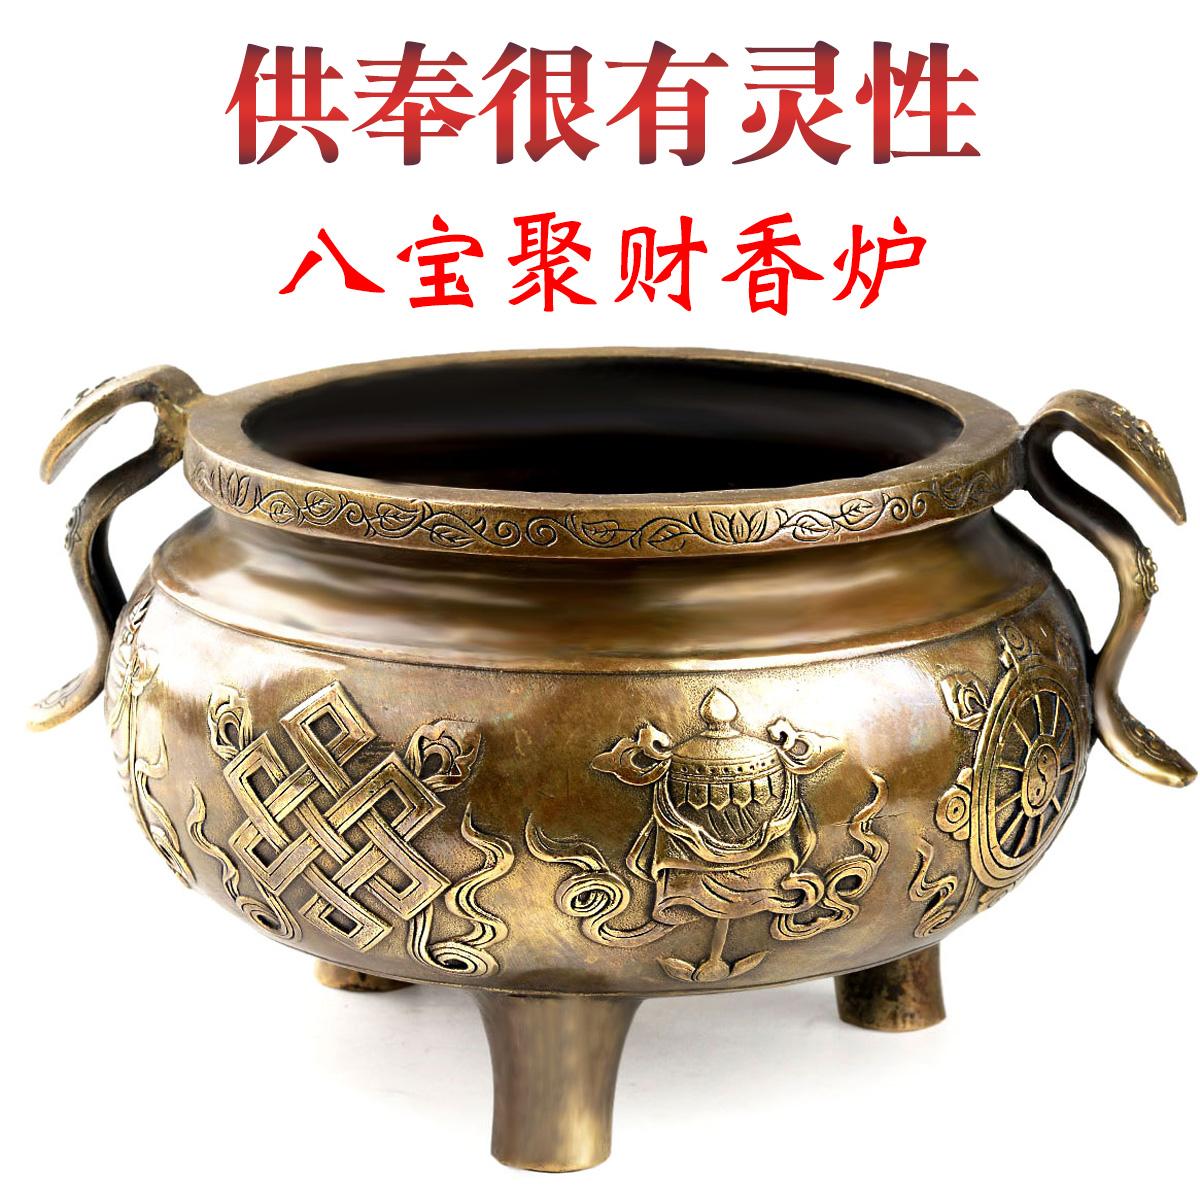 仿古香炉纯铜三足